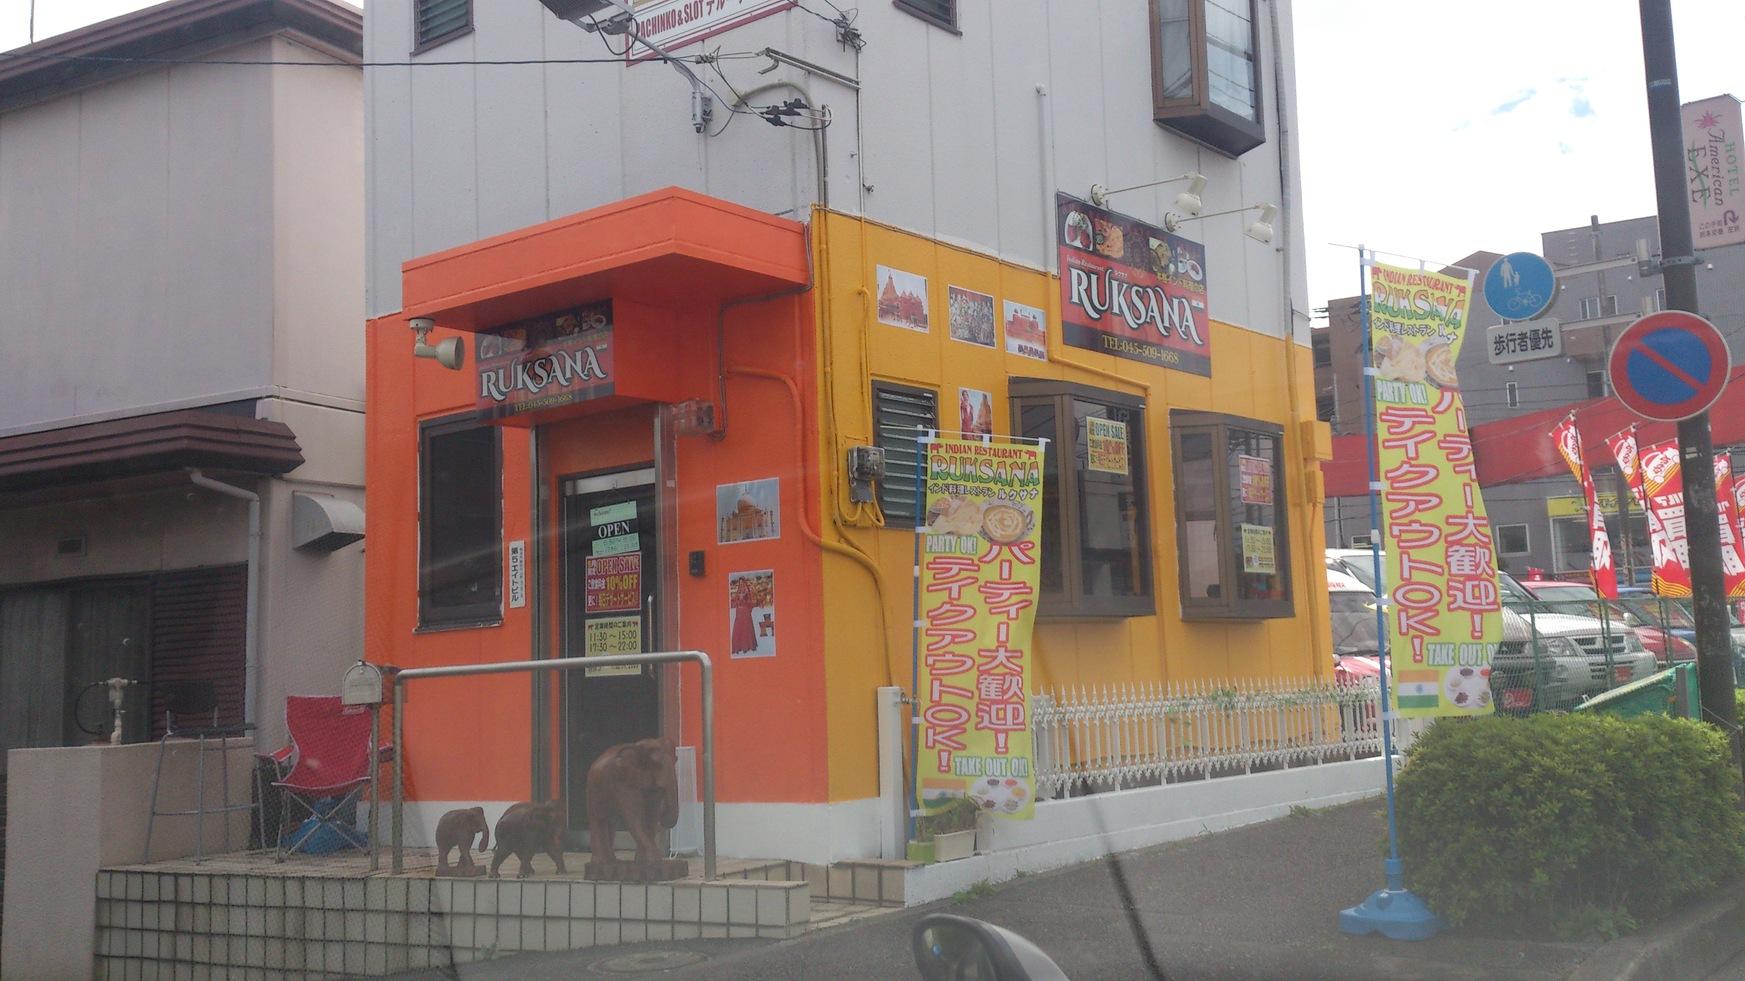 インド料理レストラン ルクサナ